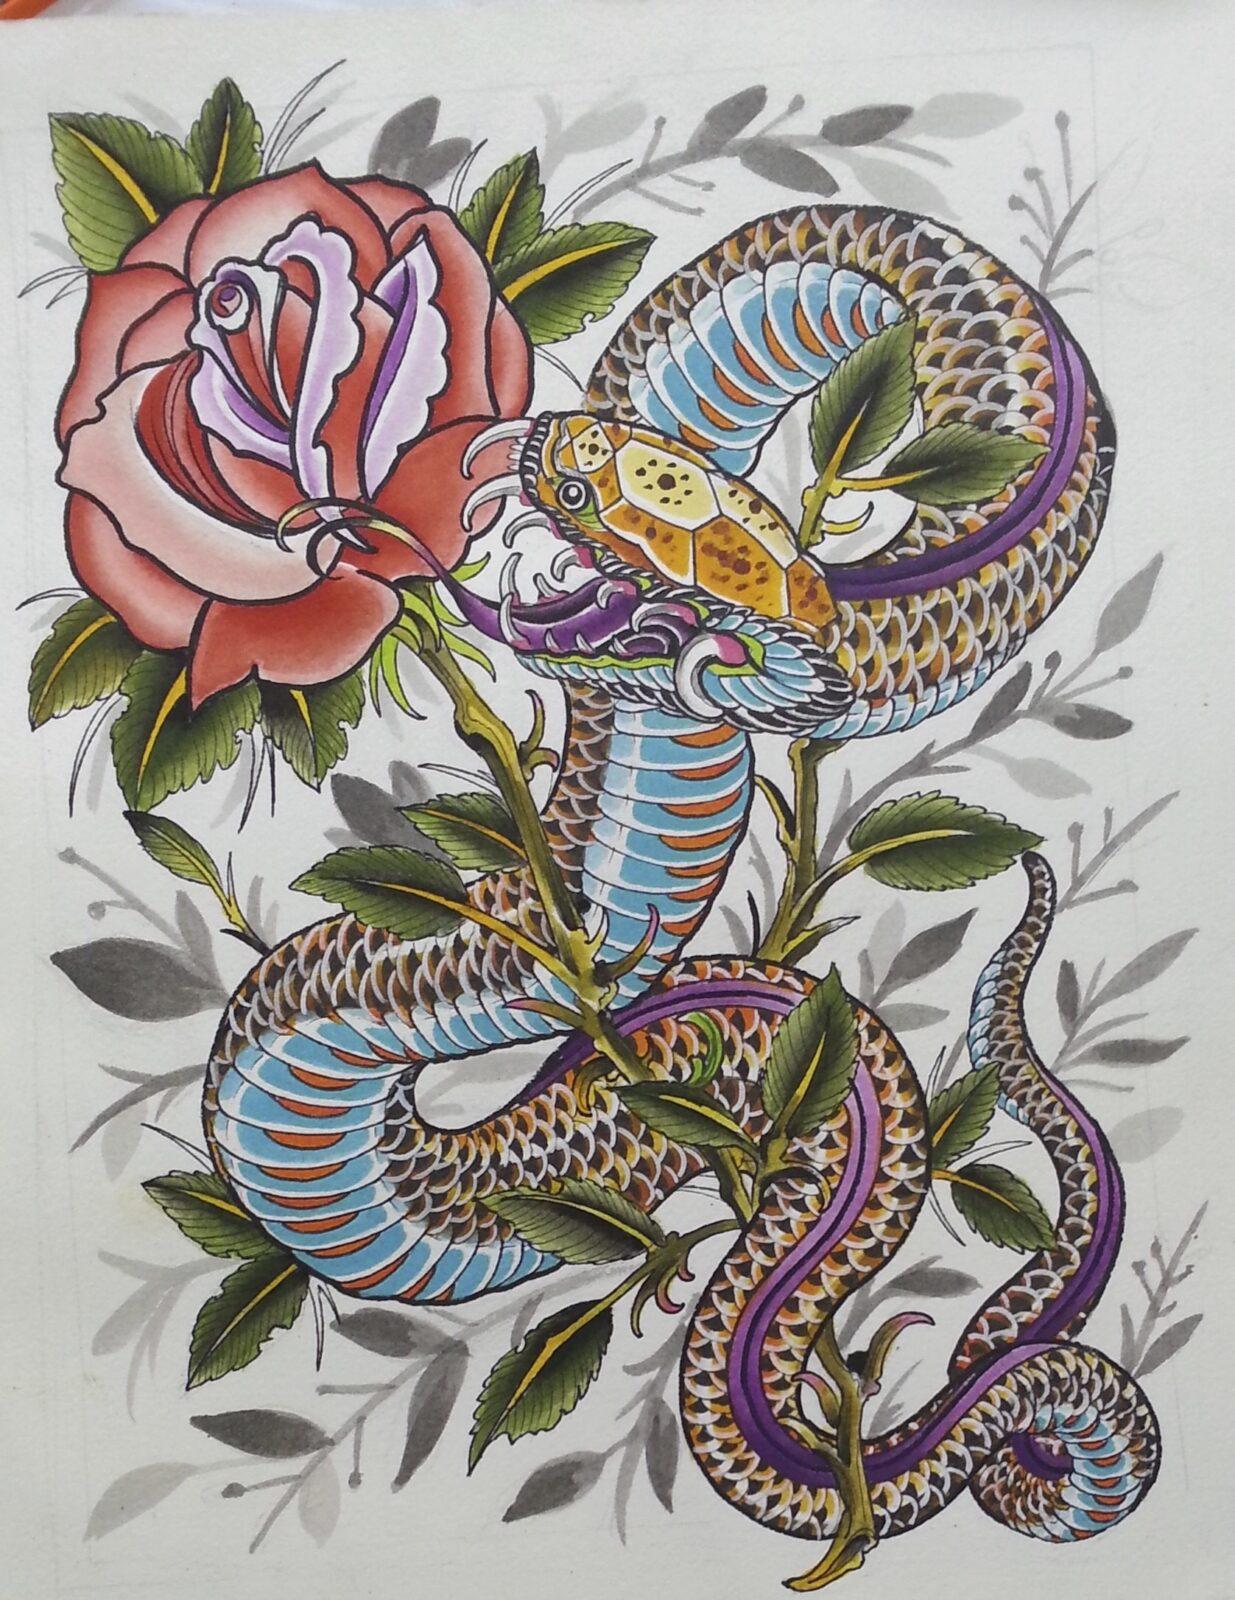 Snake vs Rose Battle